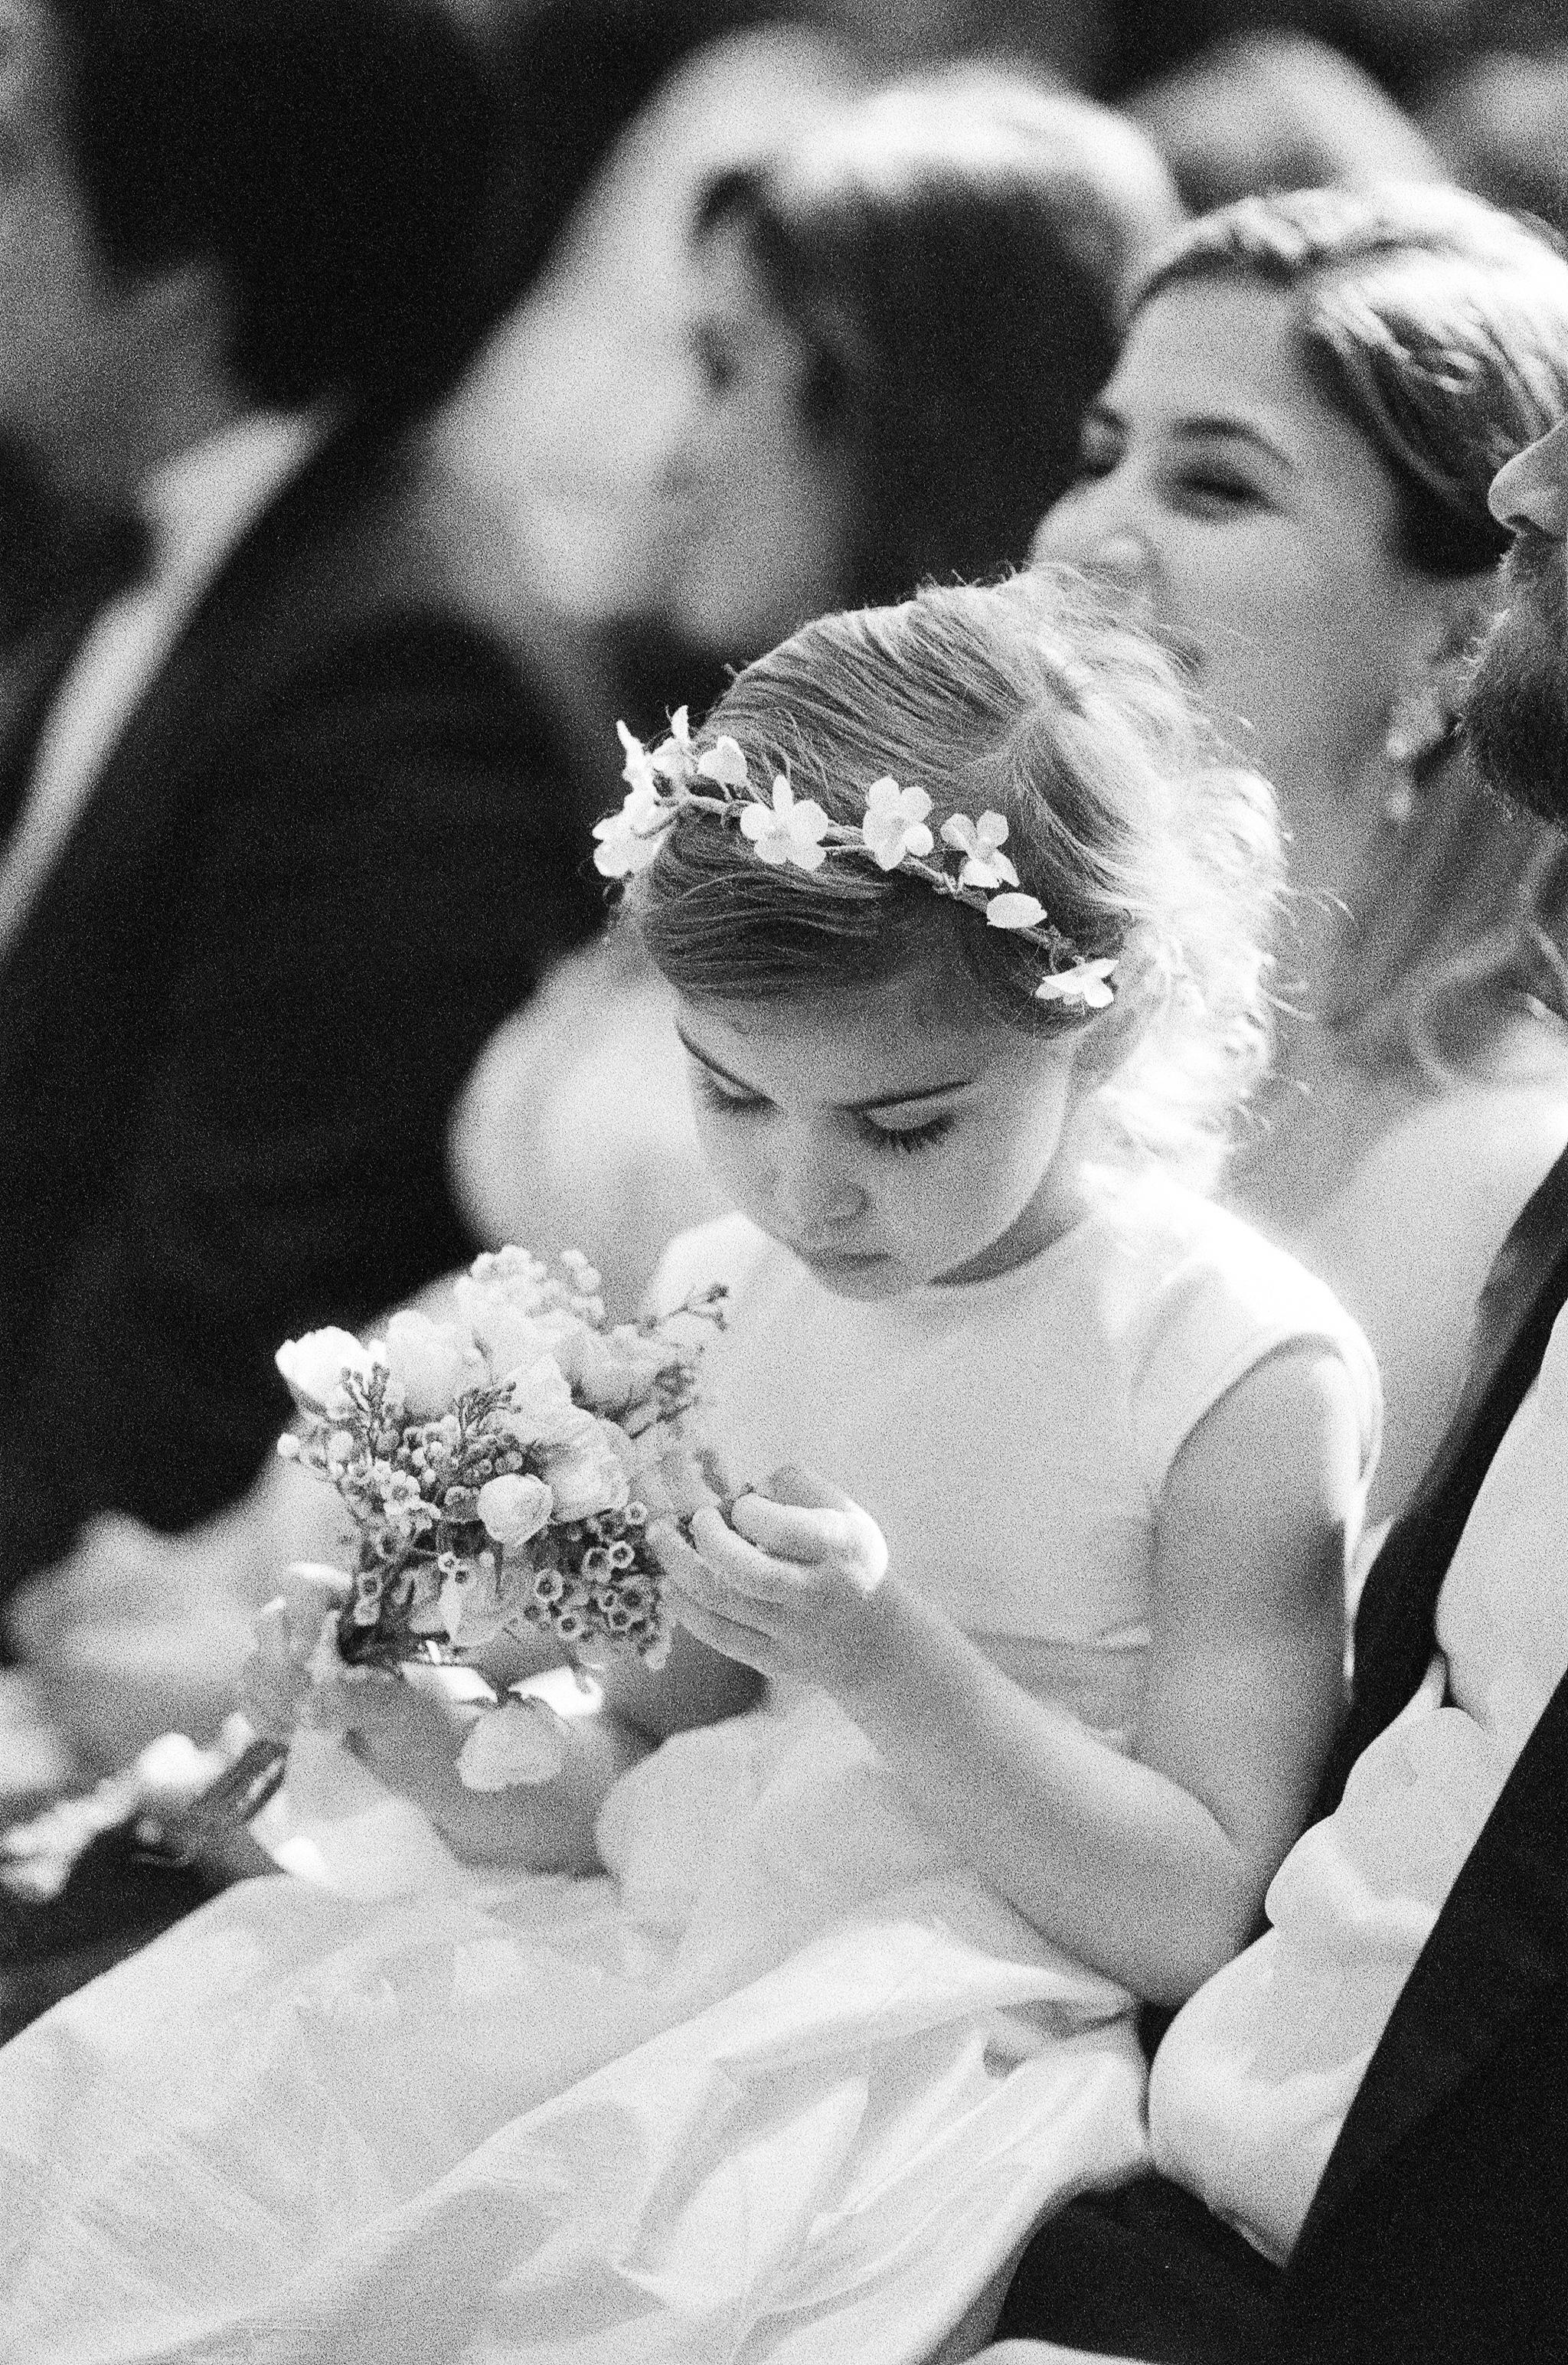 Flower girl in Oscar de la Renta dress